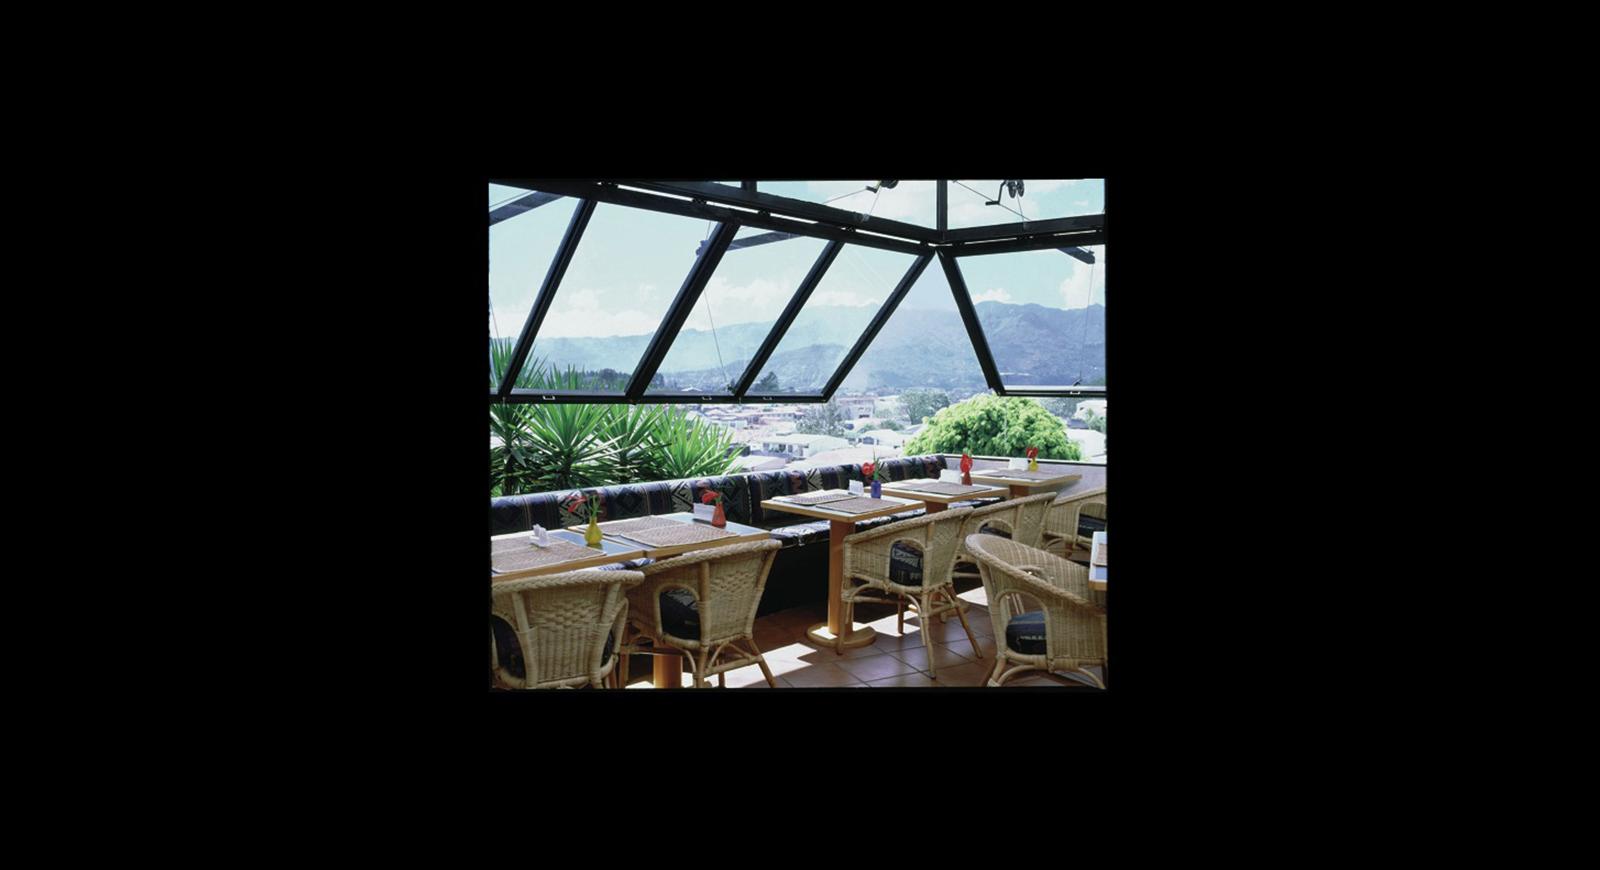 tropical_architecture_costa_rica_CentroCreativo3-1